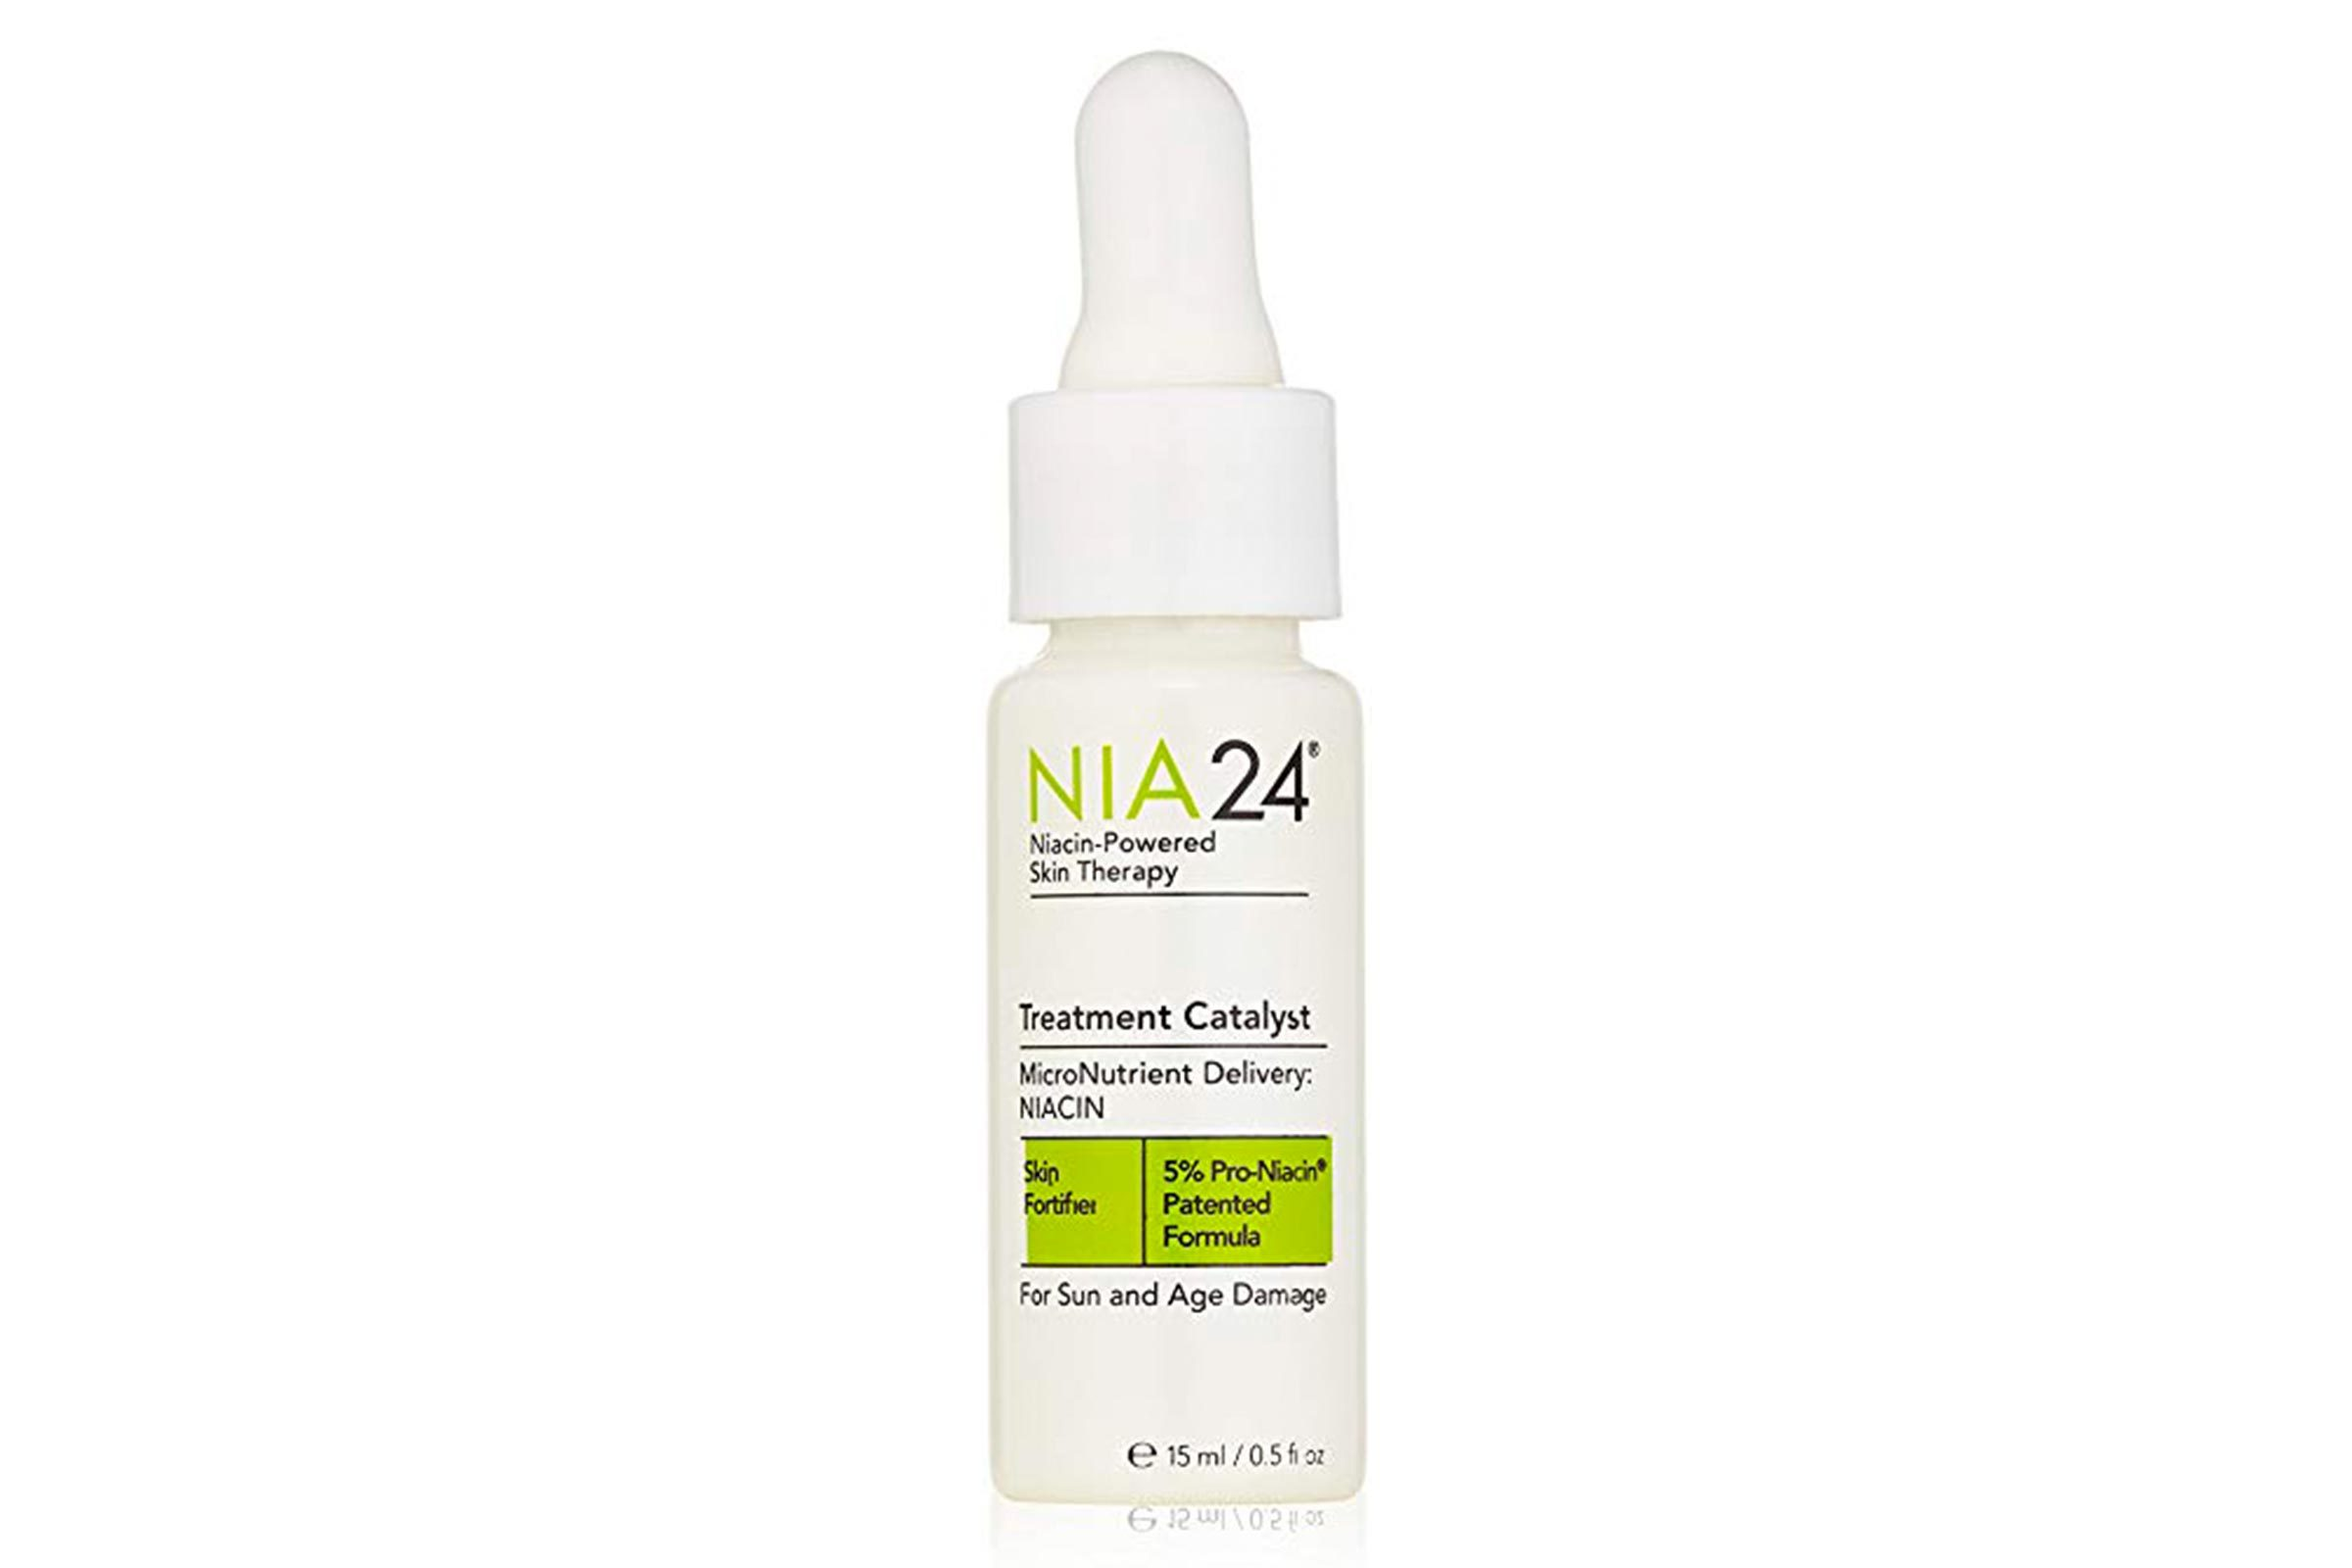 Nia 24 skin therapy